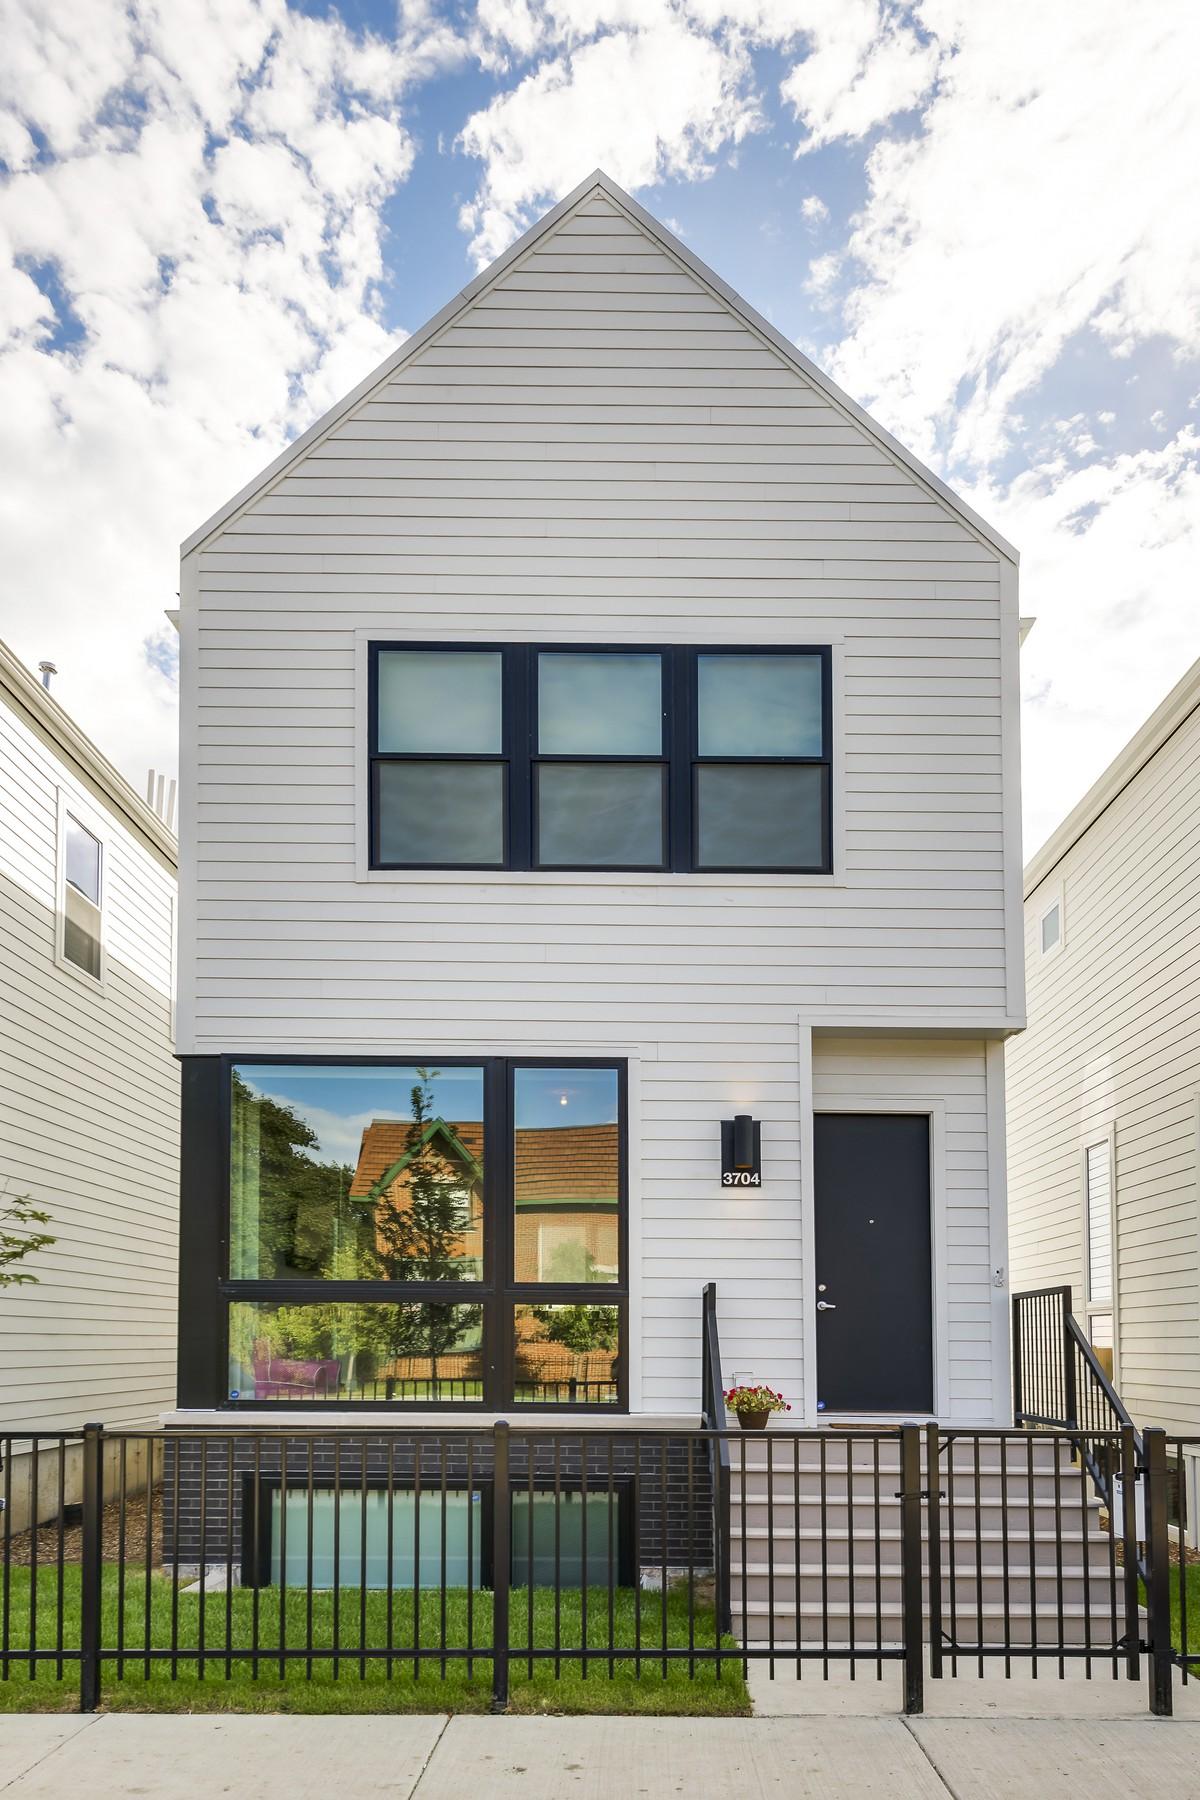 Einfamilienhaus für Verkauf beim BasecampSFH 3646 N Kenneth Avenue Chicago, Illinois, 60641 Vereinigte Staaten